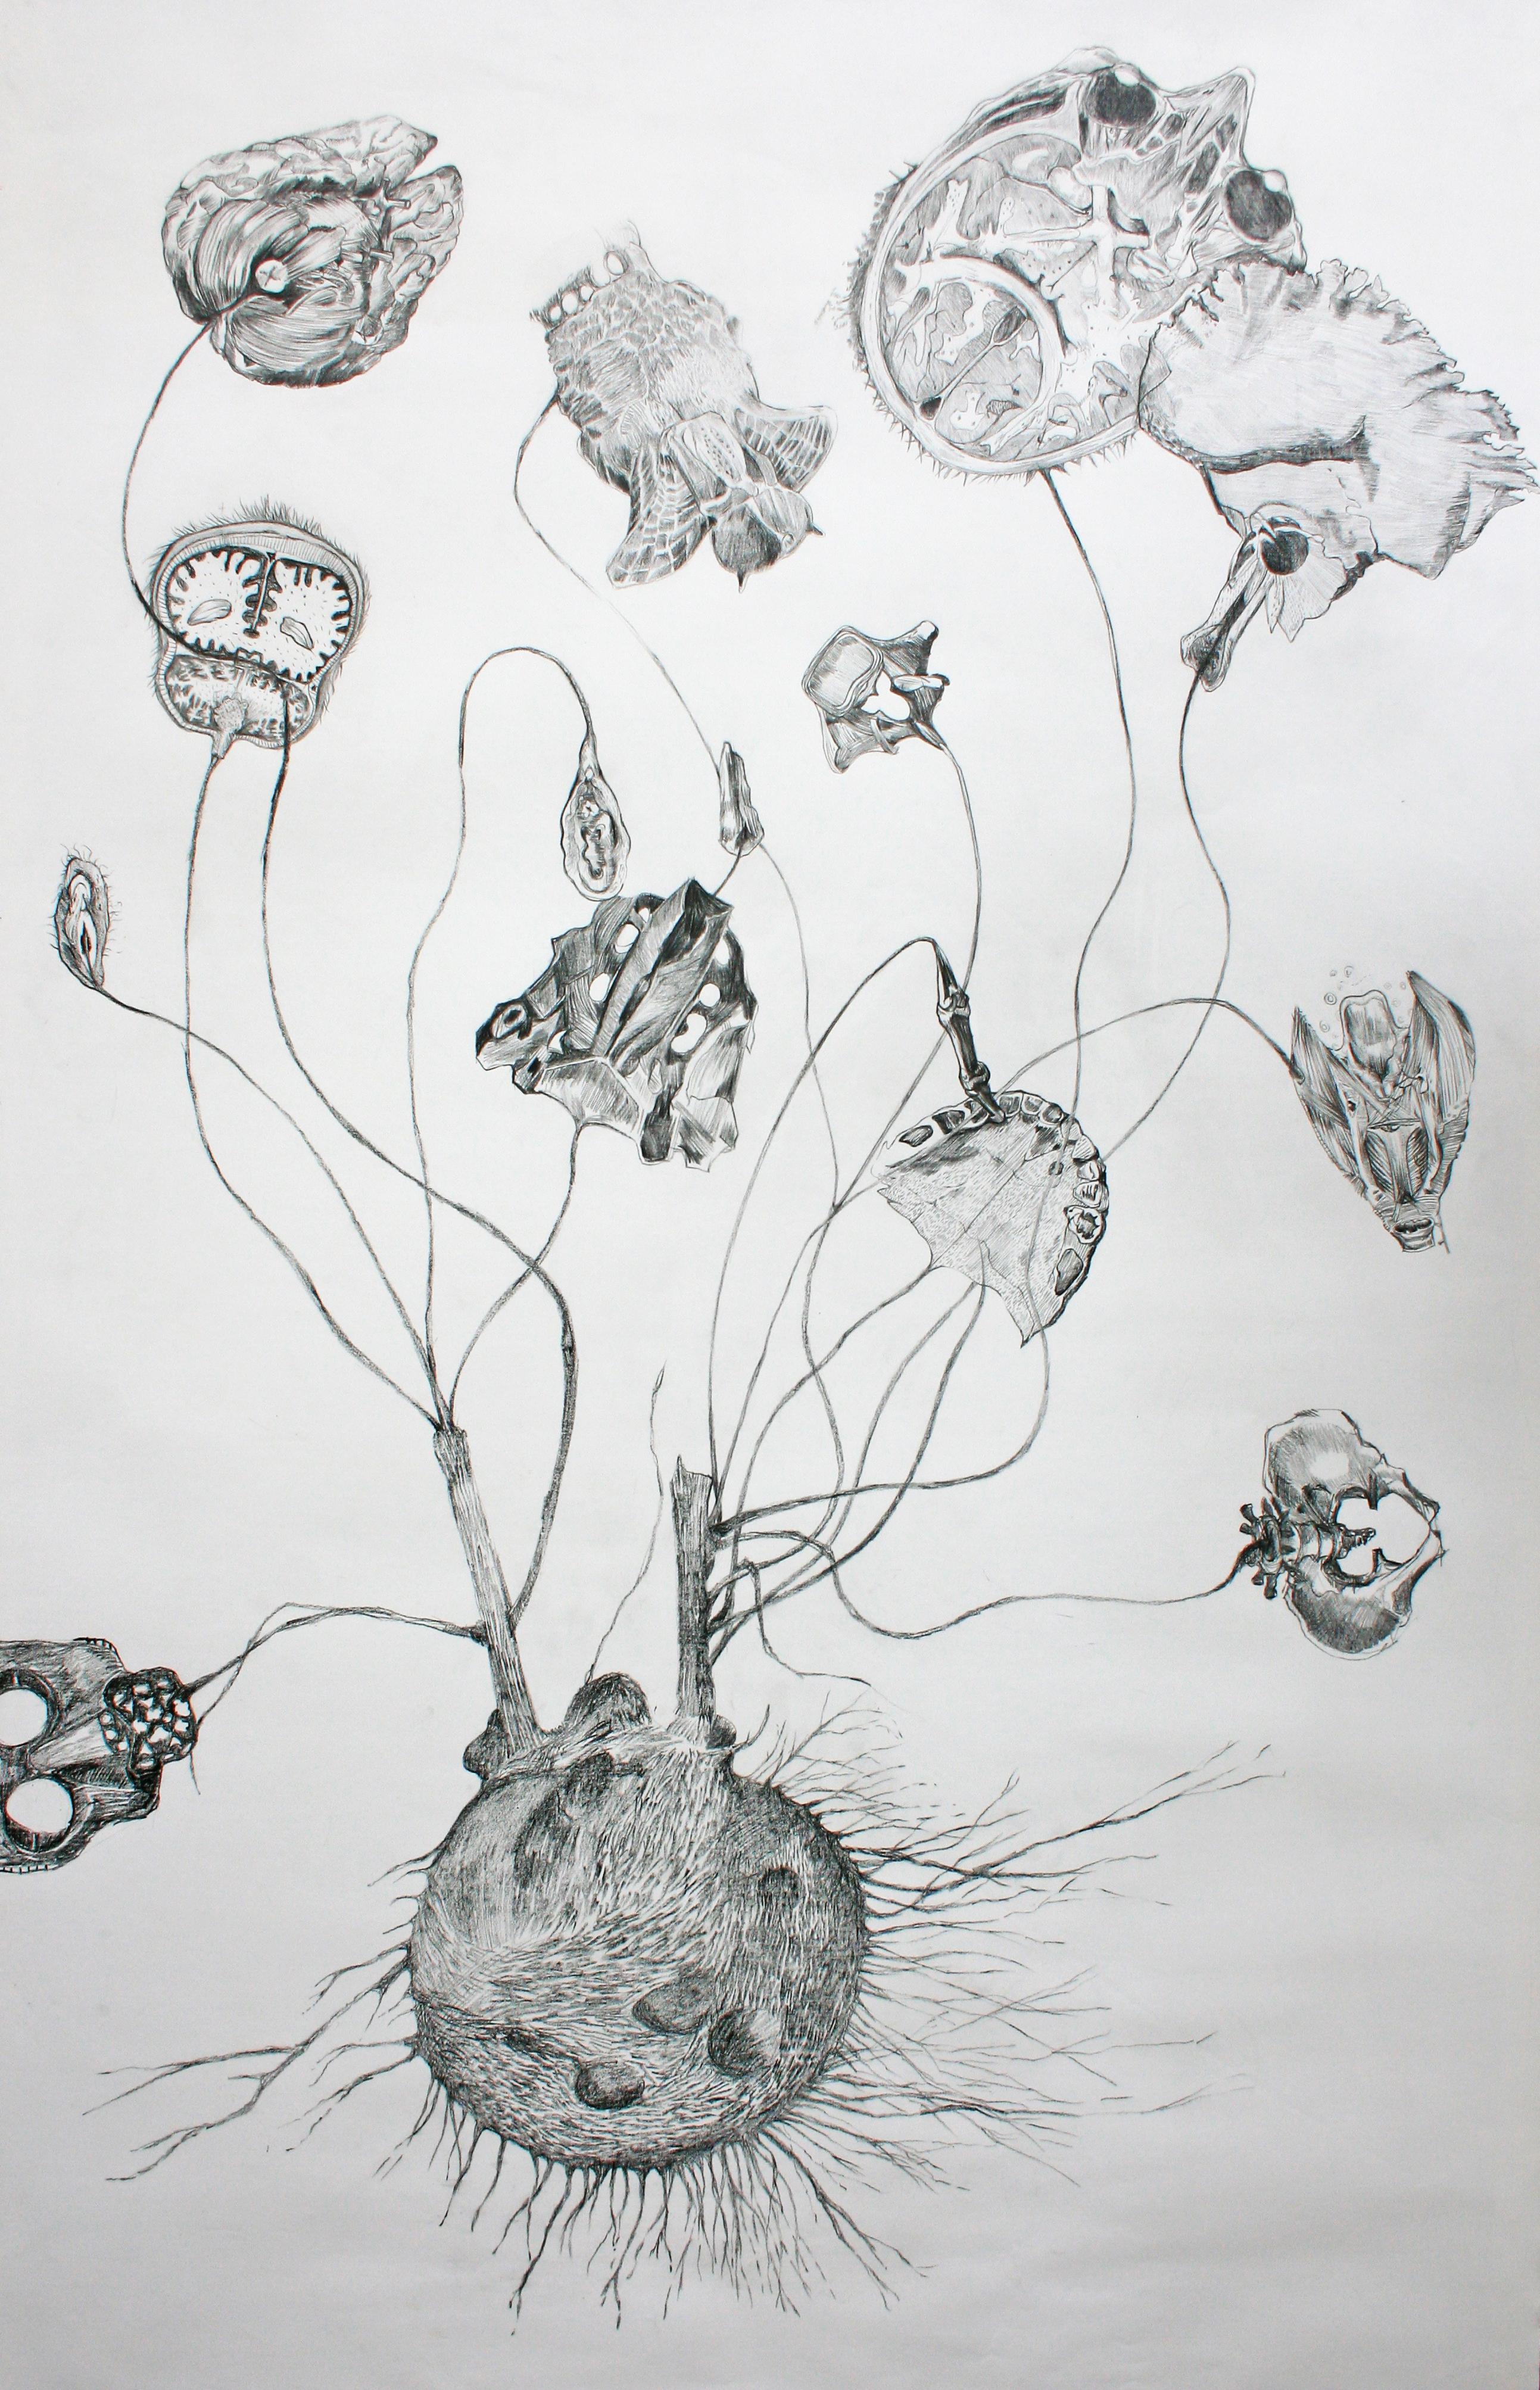 cycle-amen-2011-pierre-noire-sur-papier-entoilc3a9-140x87cm.jpg